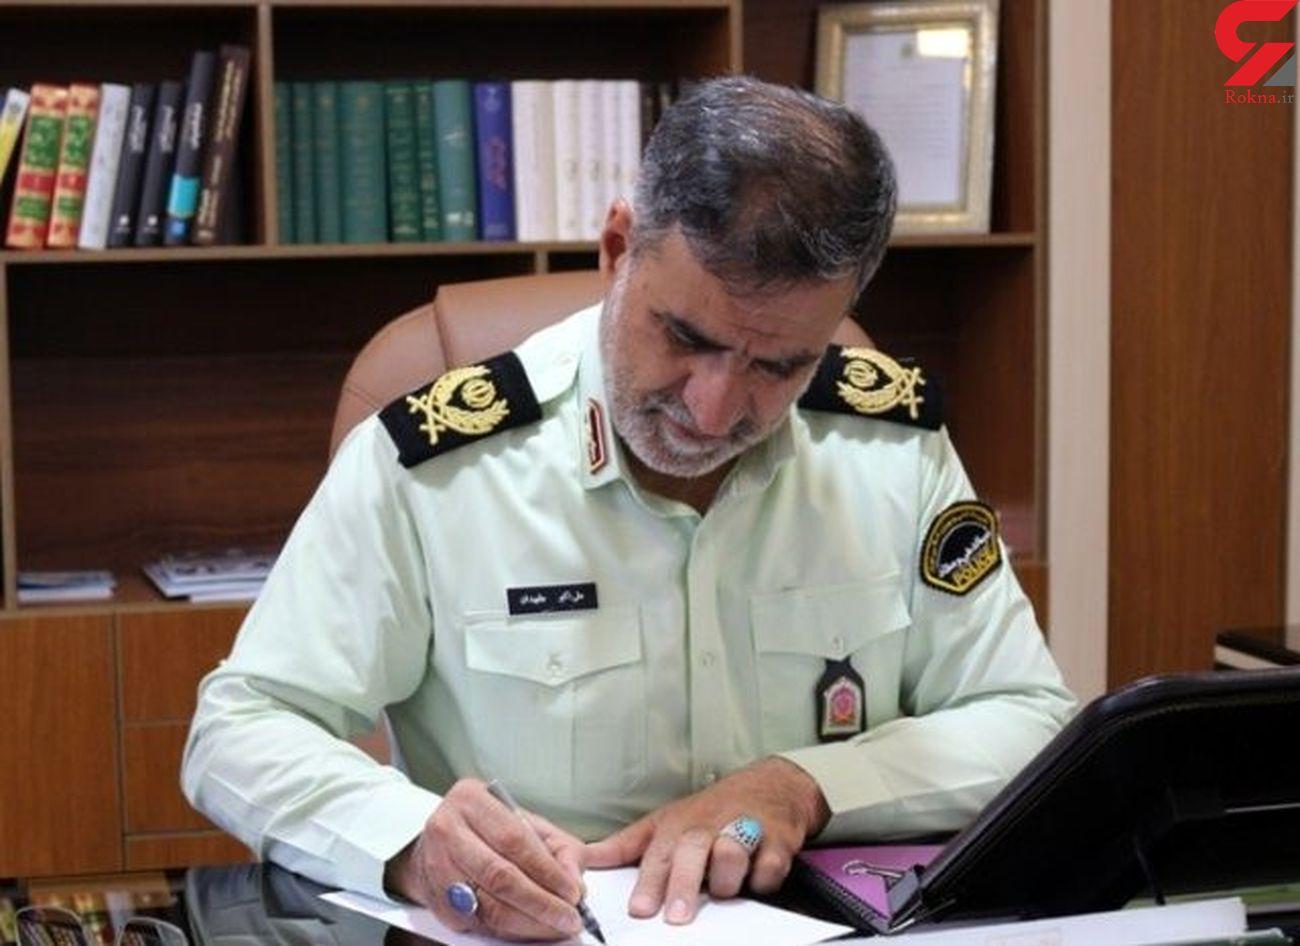 روز ارتش یادآور شجاعت و حماسه آفرینی فرزندان غیرتمند ایران اسلامی است